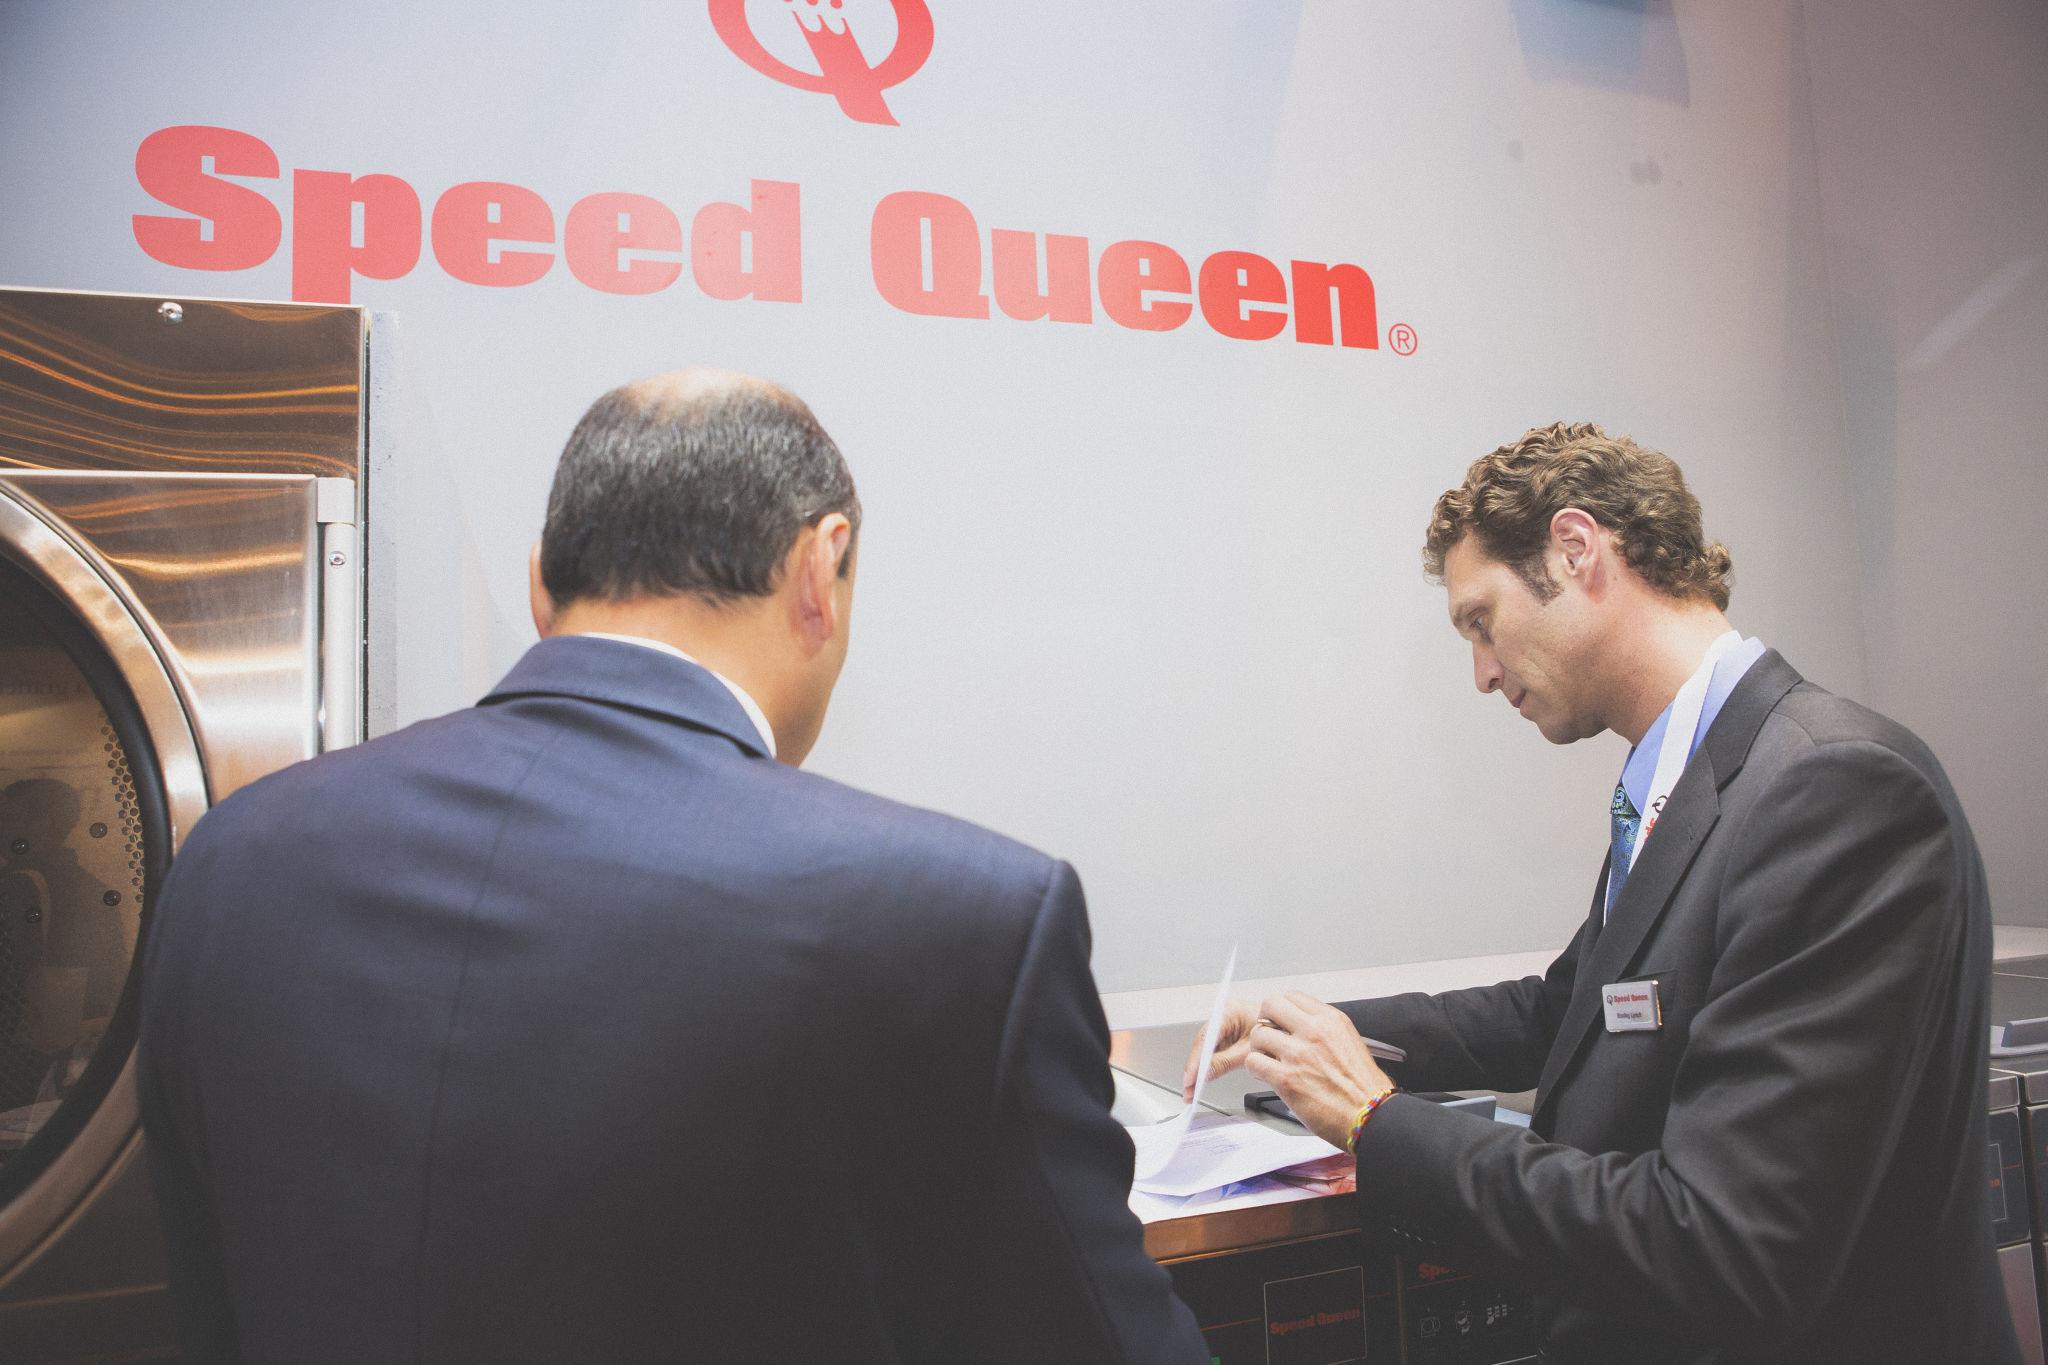 Presentando lavanderías Speed Queen en España